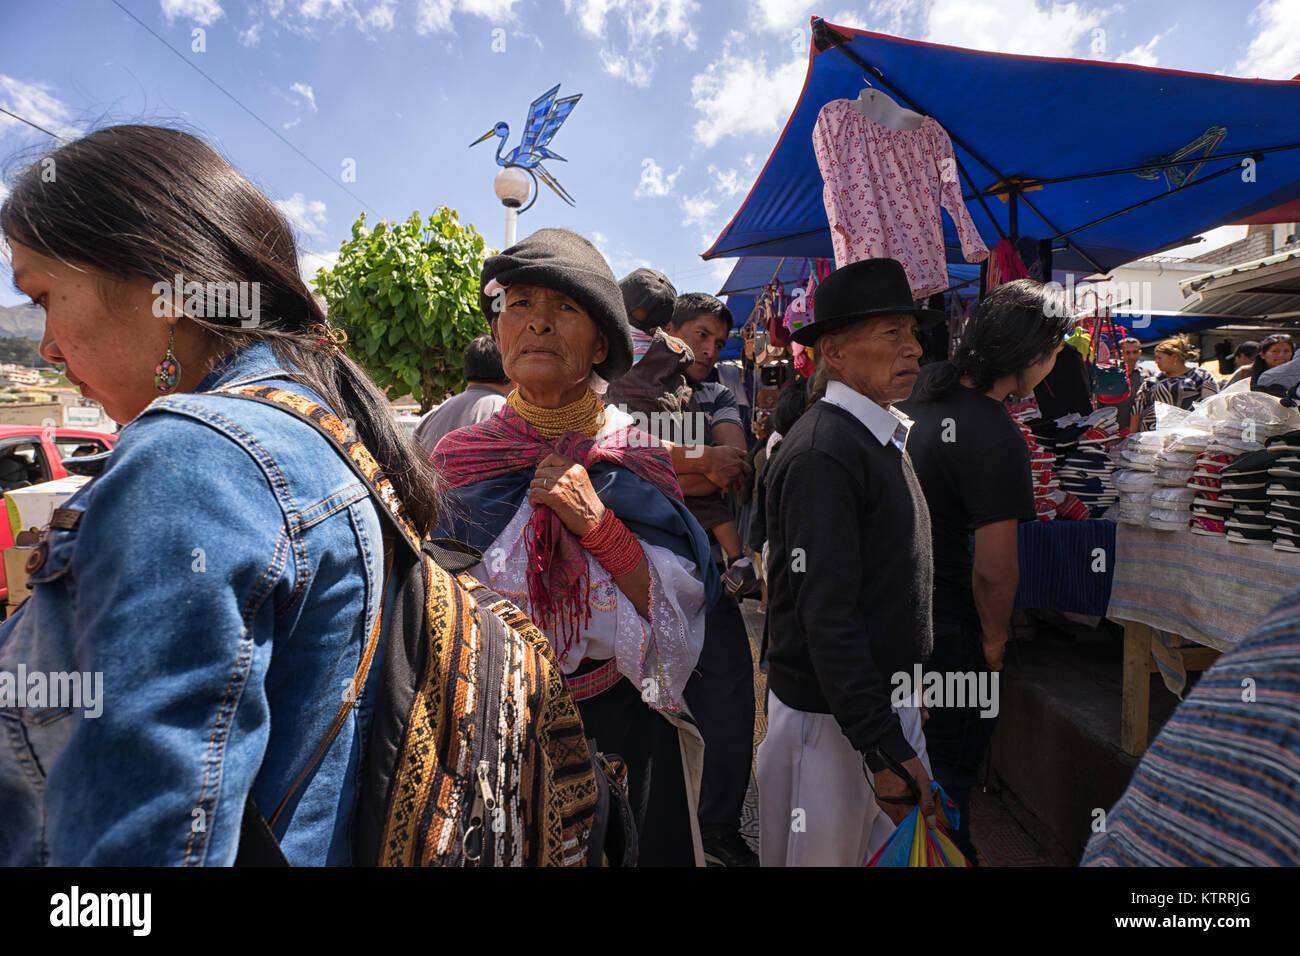 Otavalo, Ecuador-December 23, 2017: la gente en el mercado del sábado del pueblo indígena Imagen De Stock